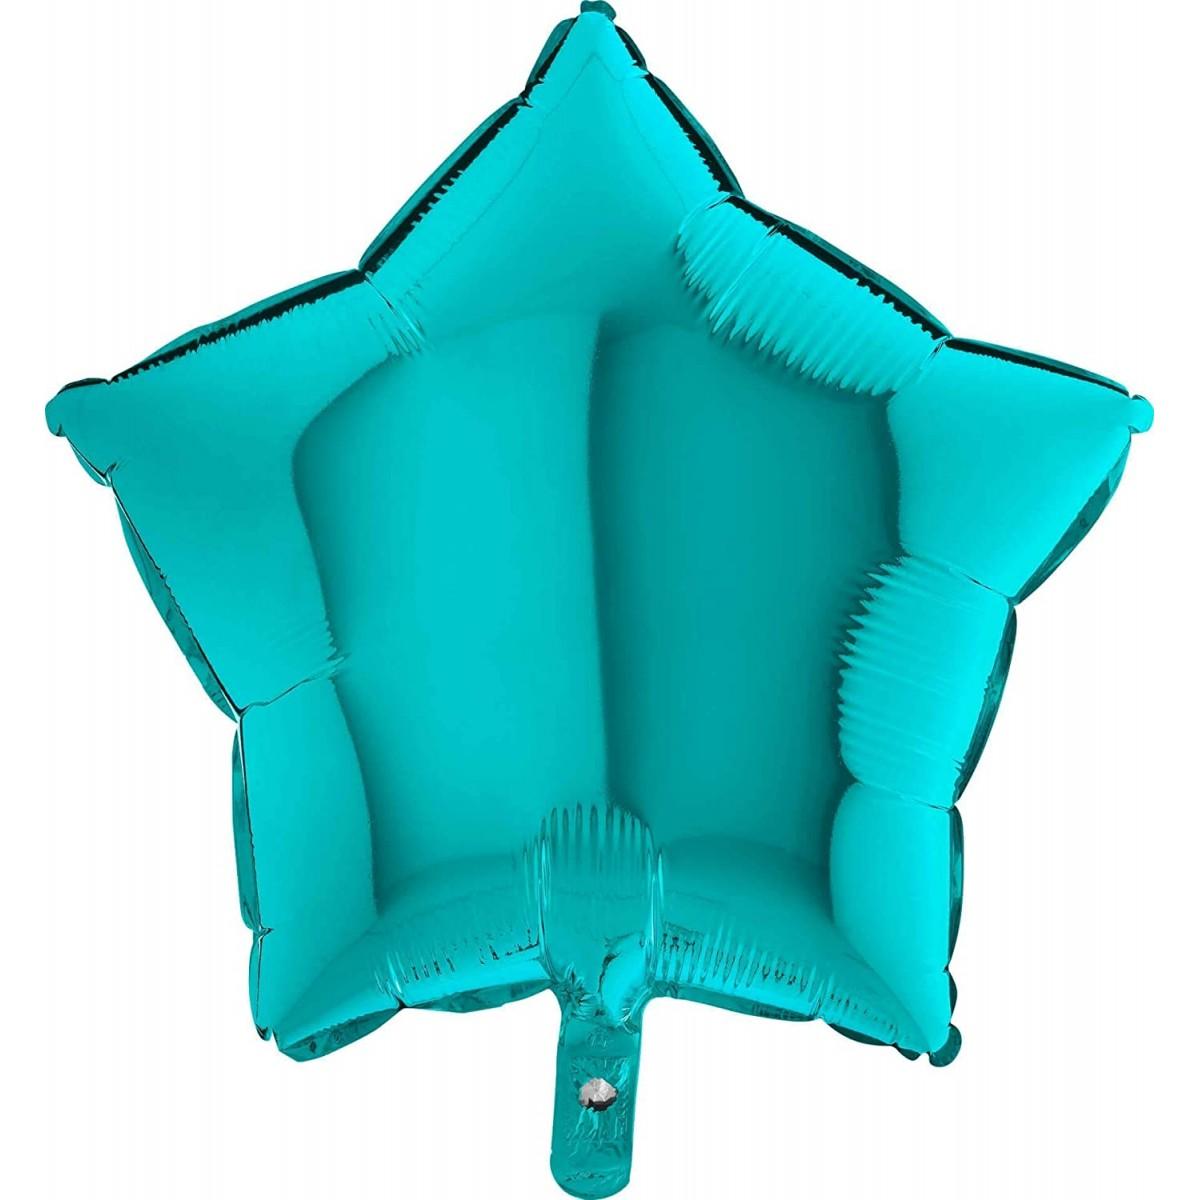 Palloncino tiffany forma stella, da 45 cm, in alluminio